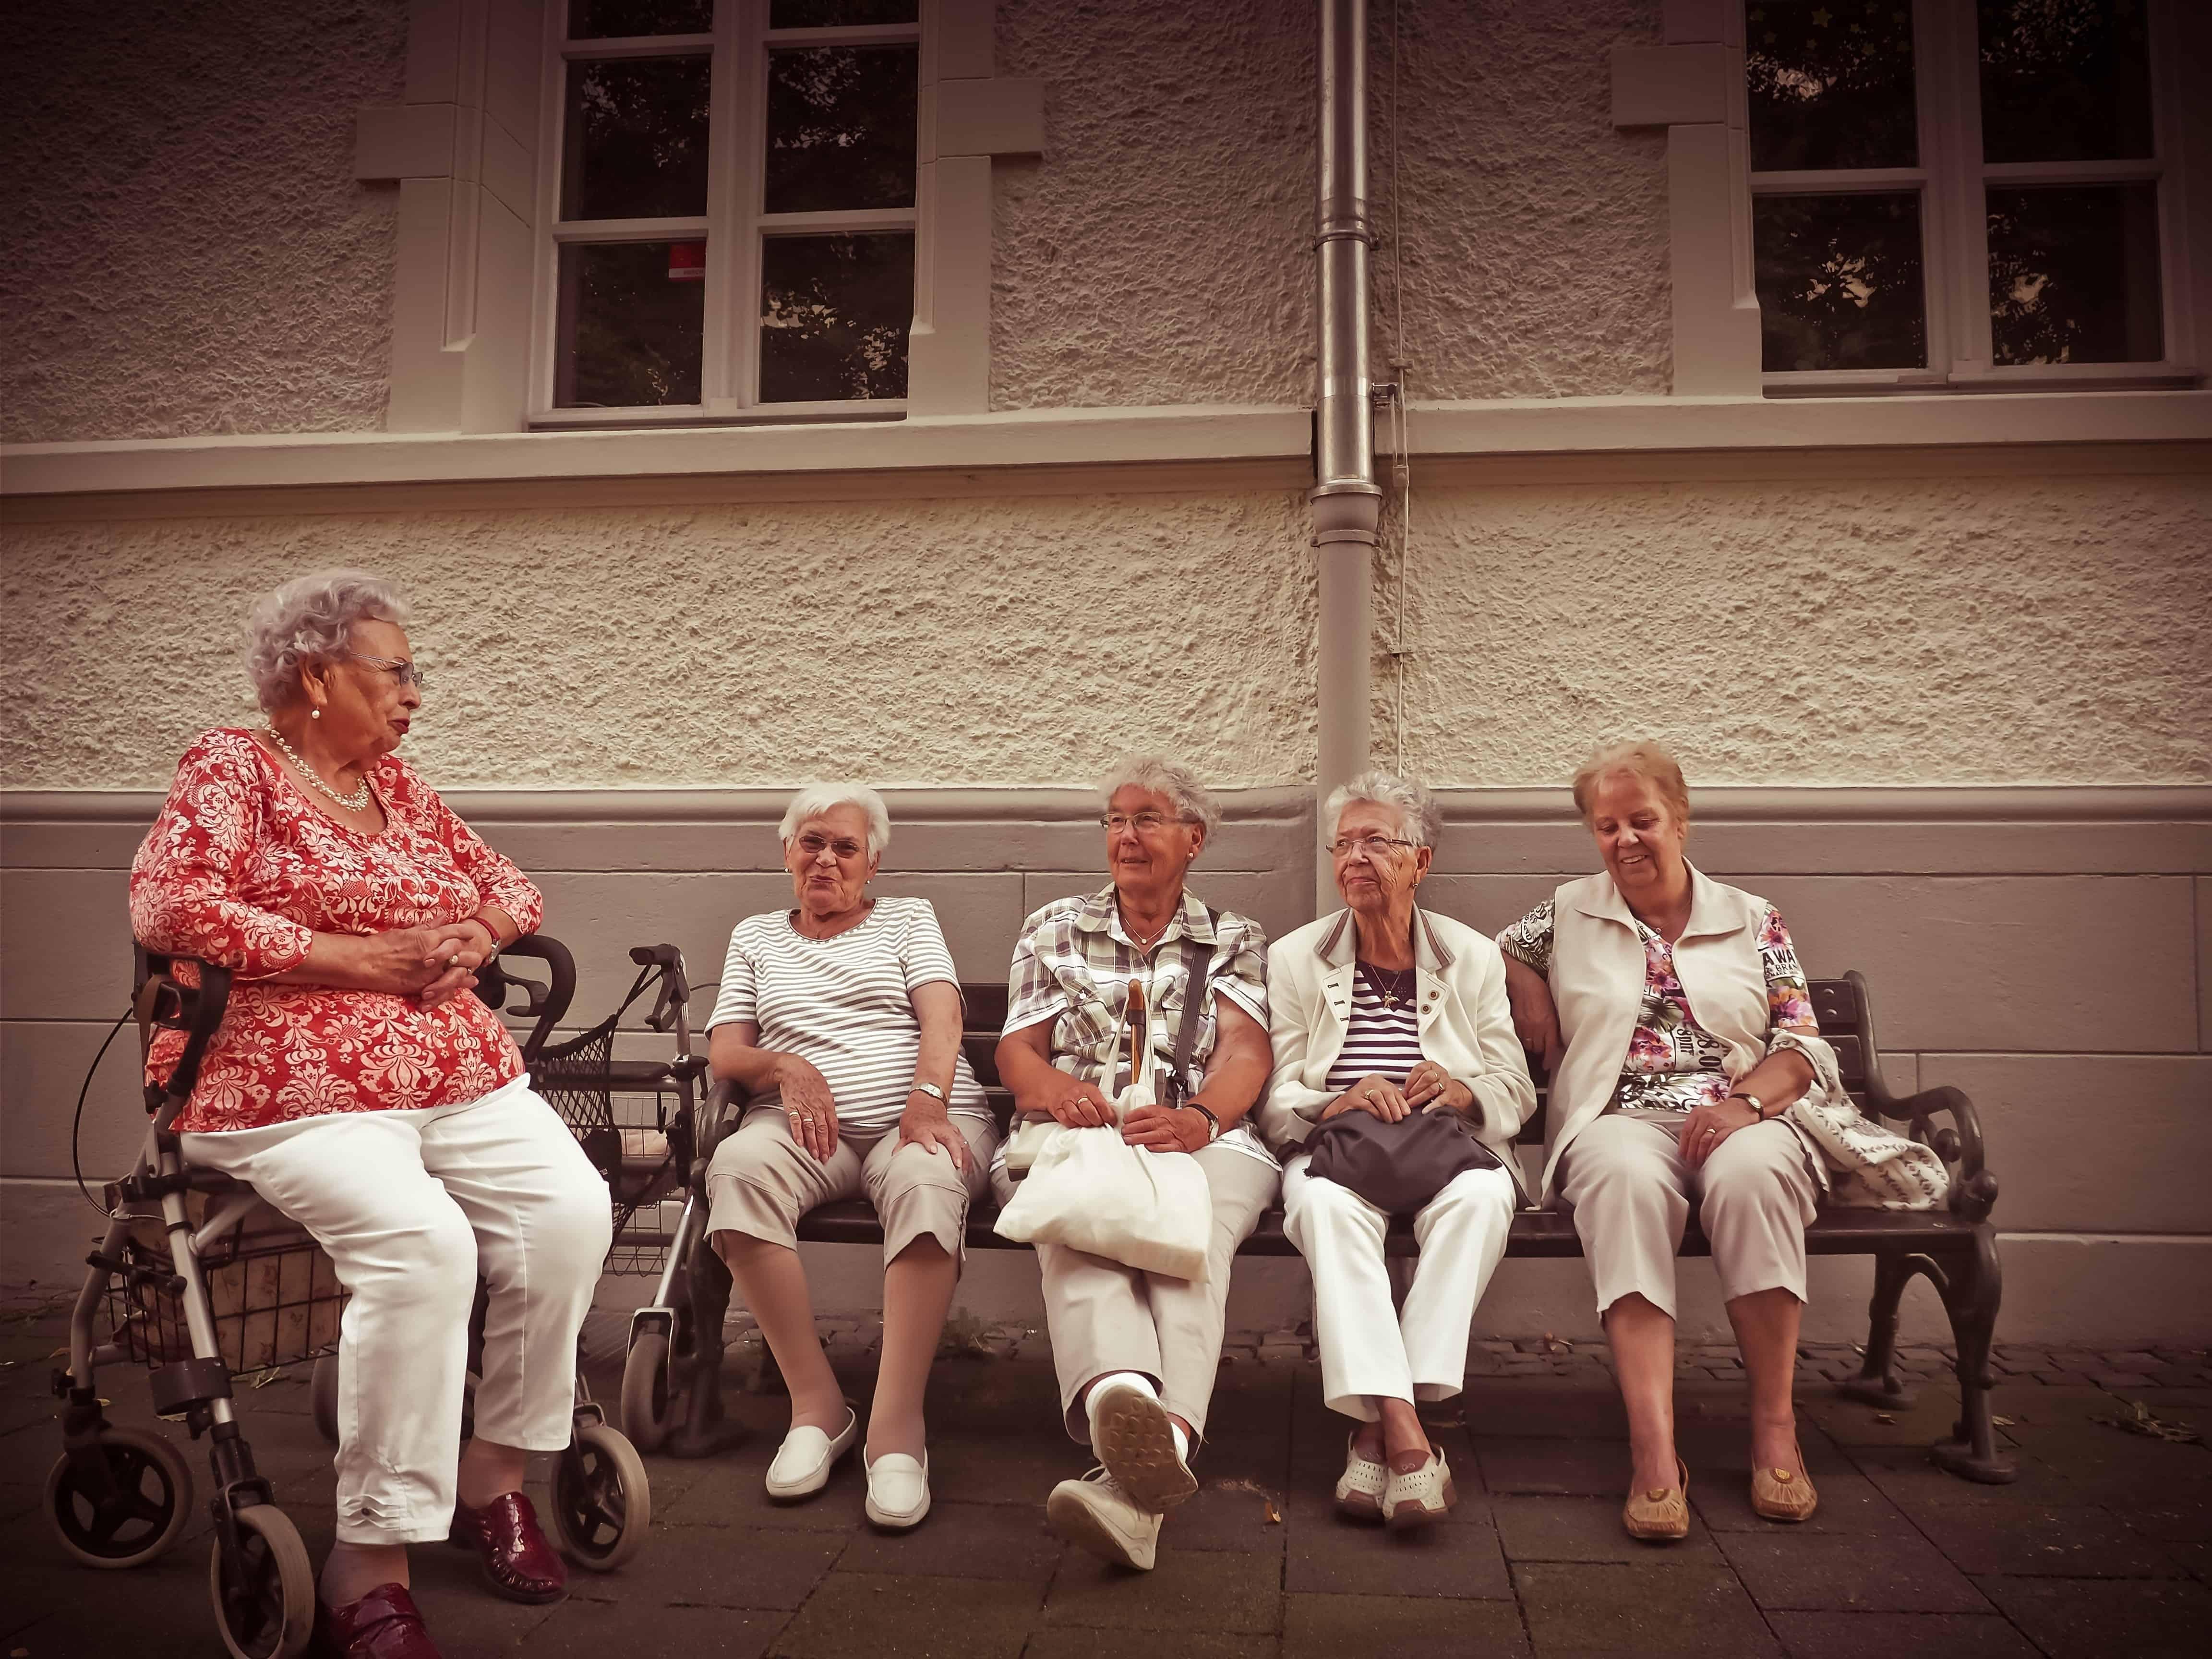 Une vieille femme en fauteuil roulant parle à quatre vieilles femmes assises sur un canapé.